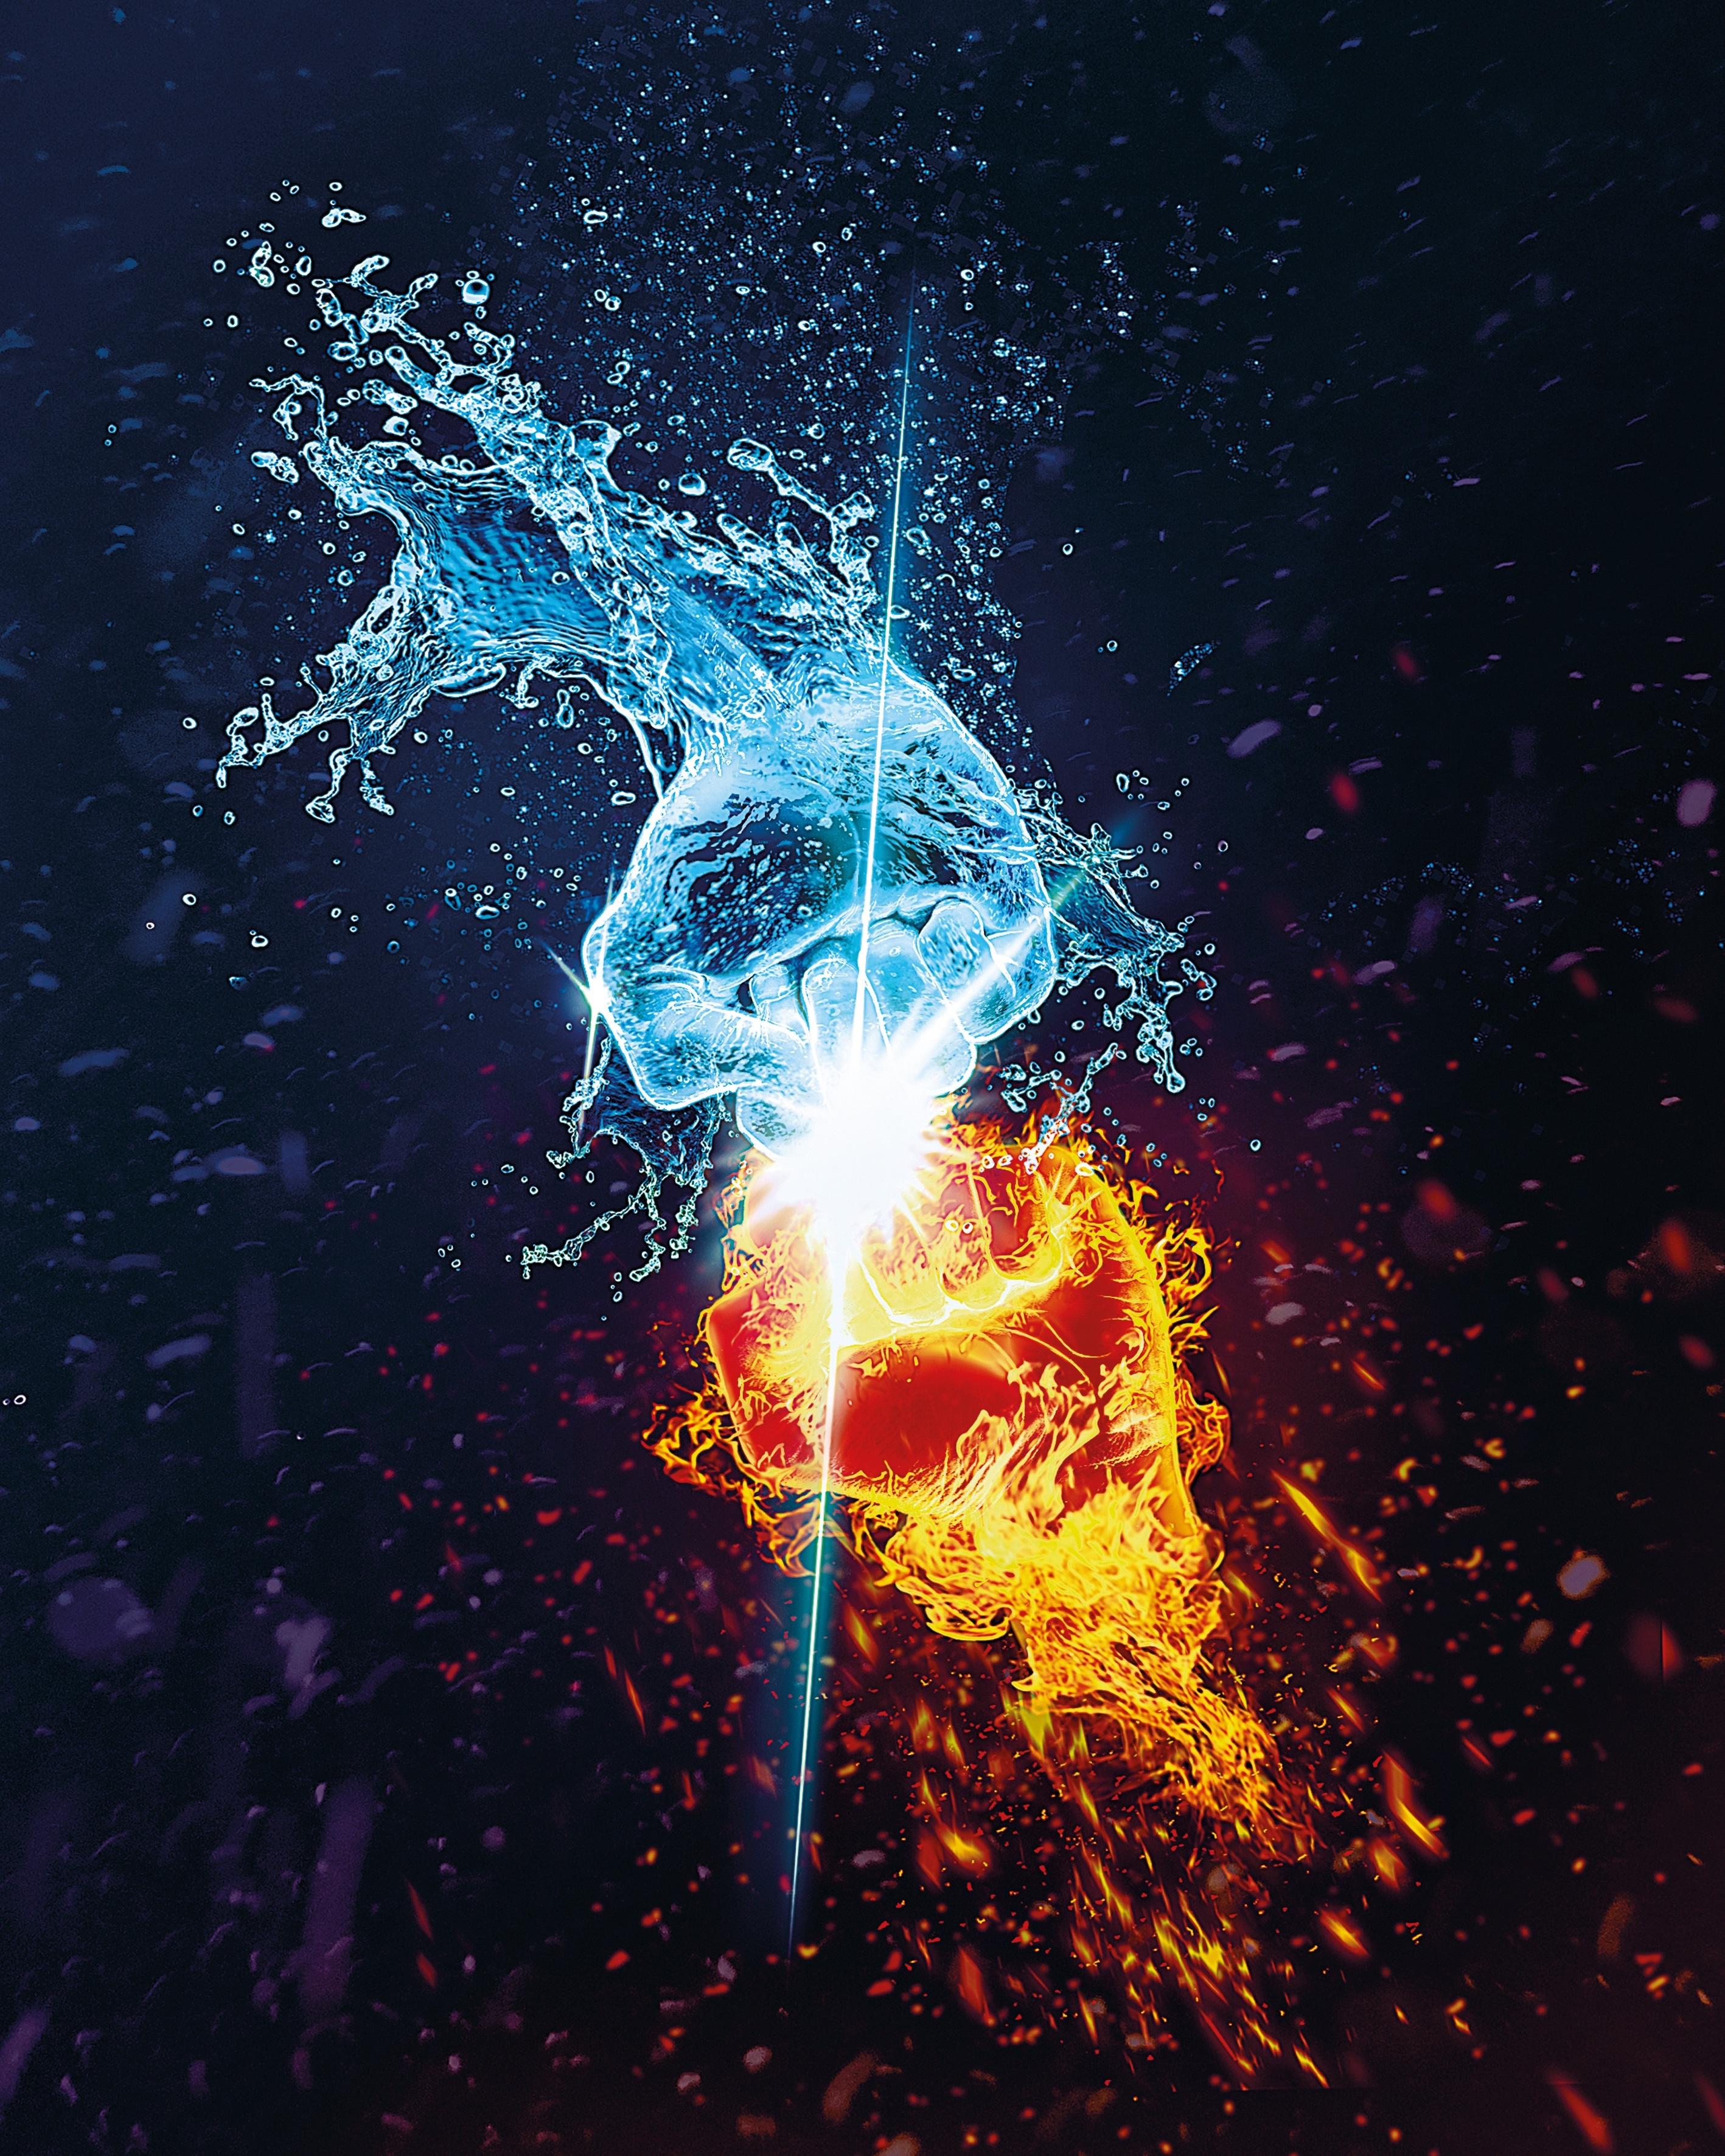 68051 Hintergrundbild herunterladen Funken, Wasser, Kunst, Flamme, Sprühen, Spray, Hände, Opposition, Konfrontation, Schlacht - Bildschirmschoner und Bilder kostenlos